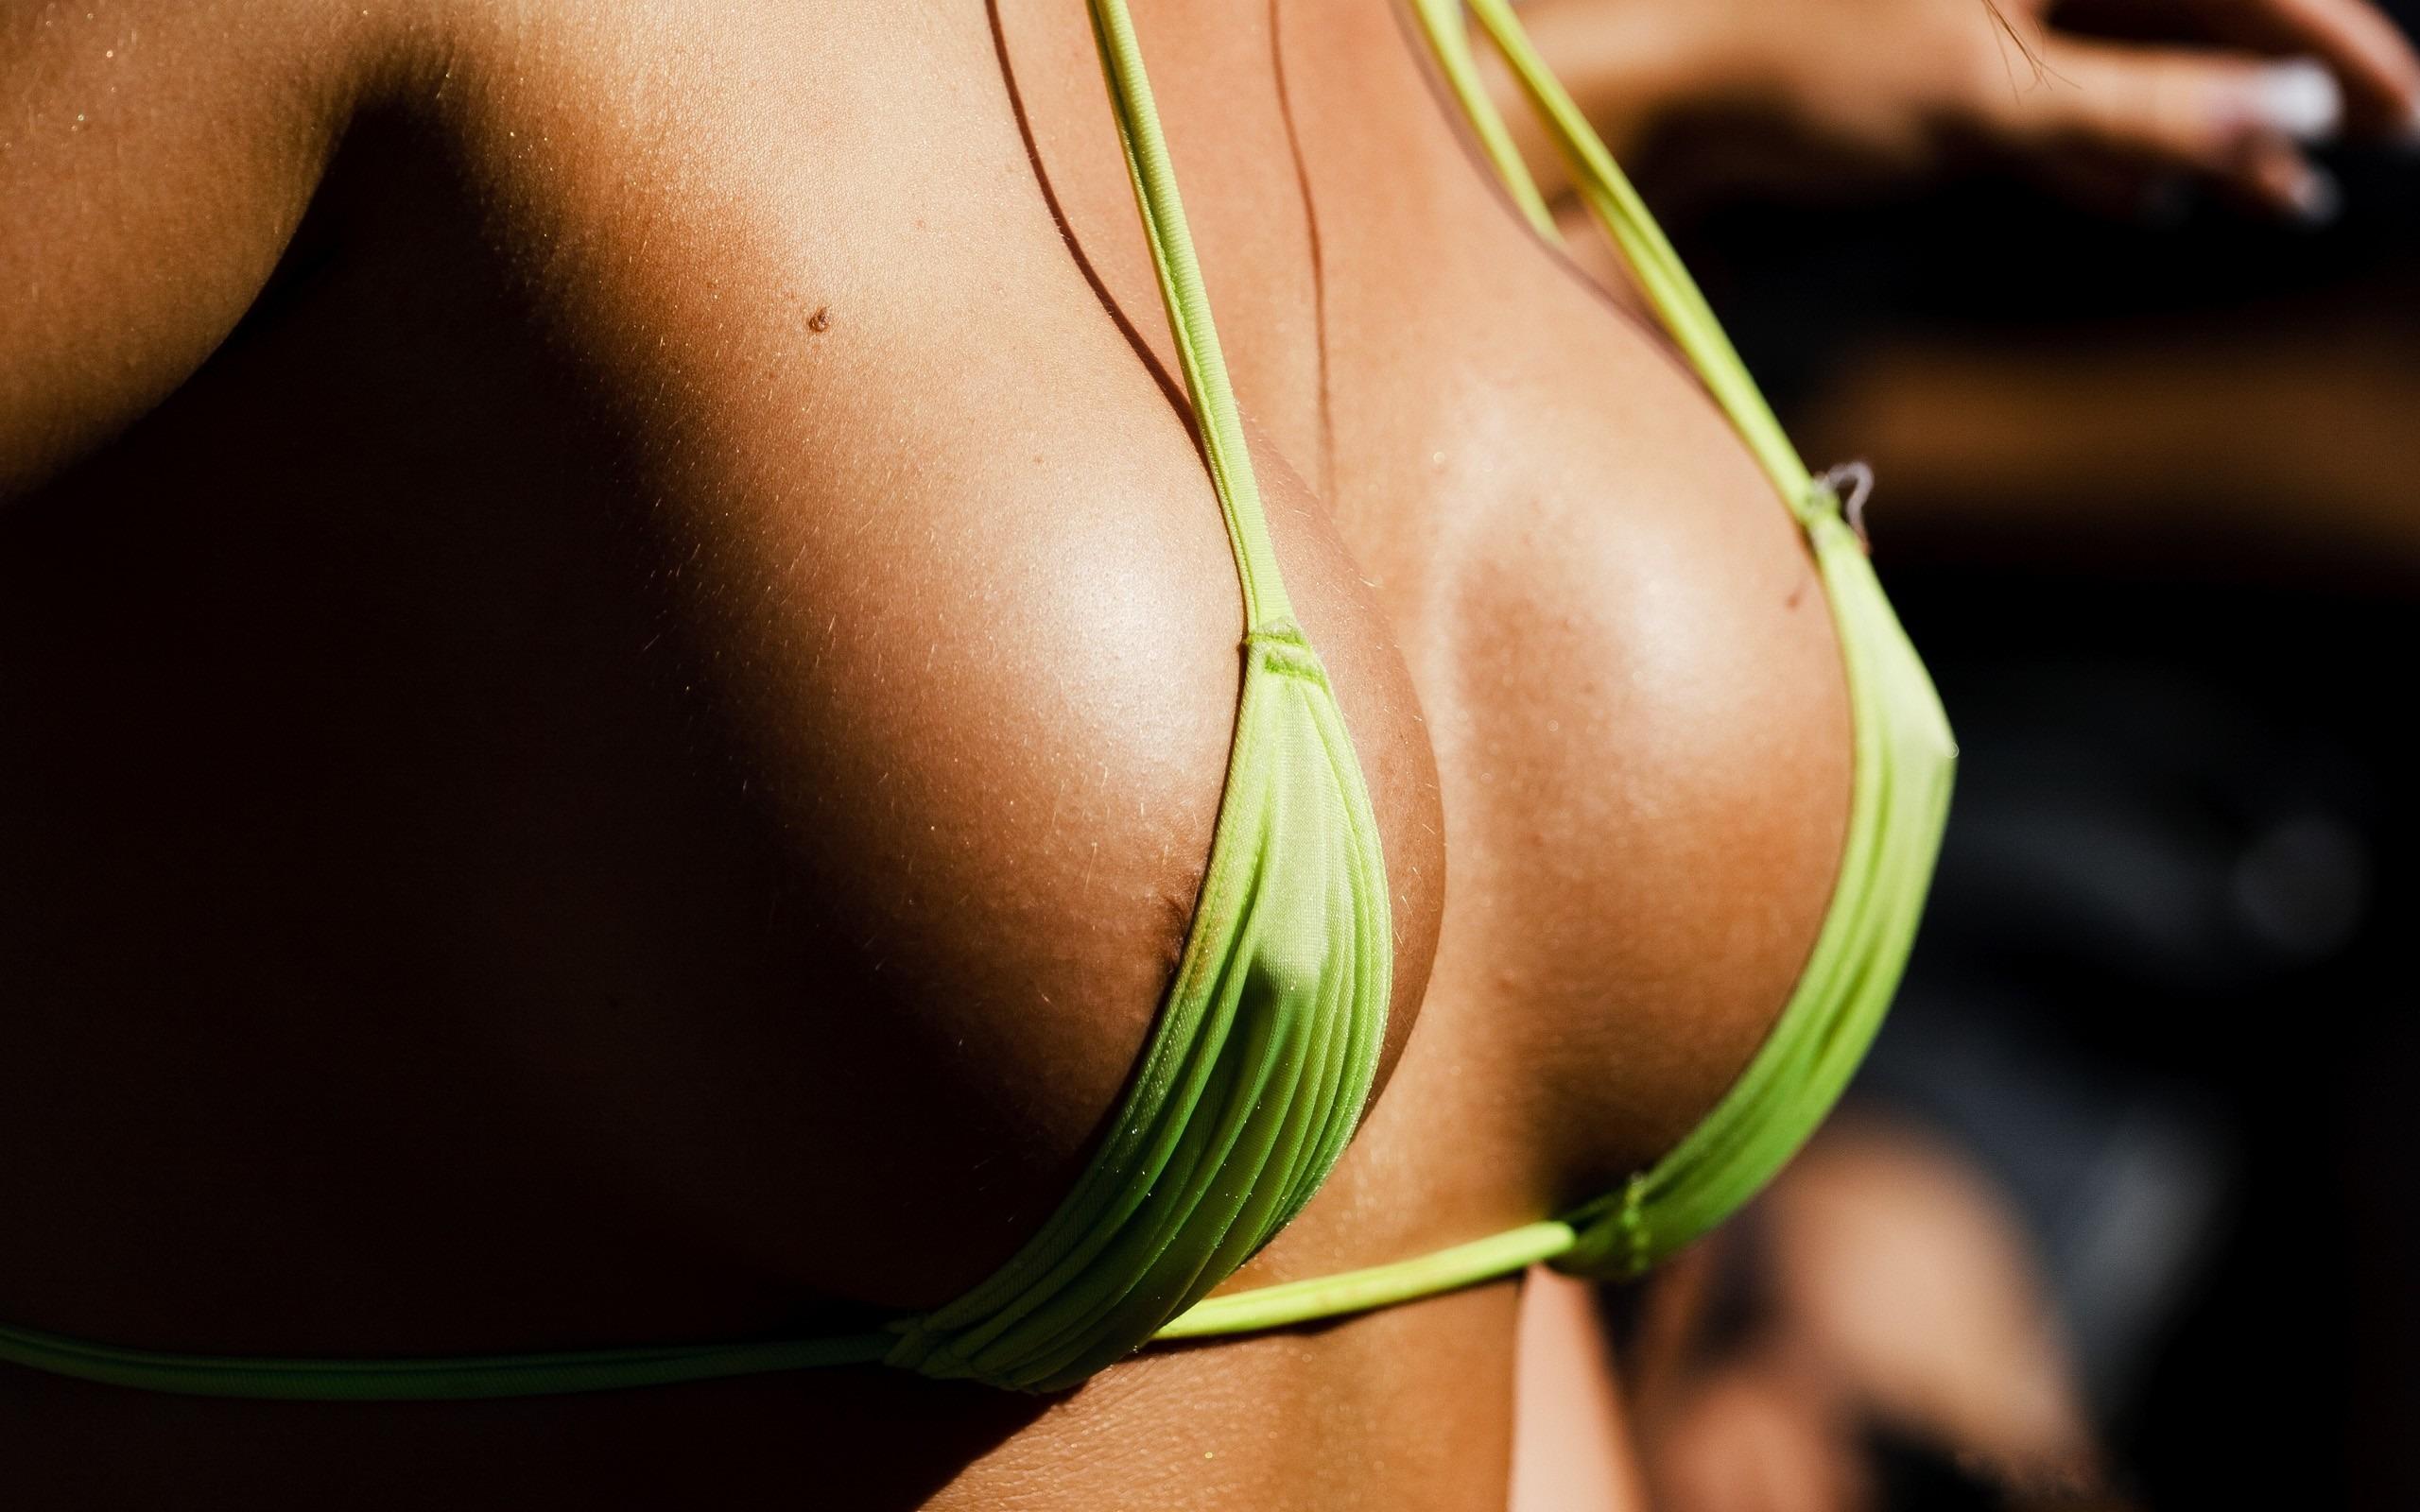 Голые восточные девушки в подборке  Эротика фото и голых